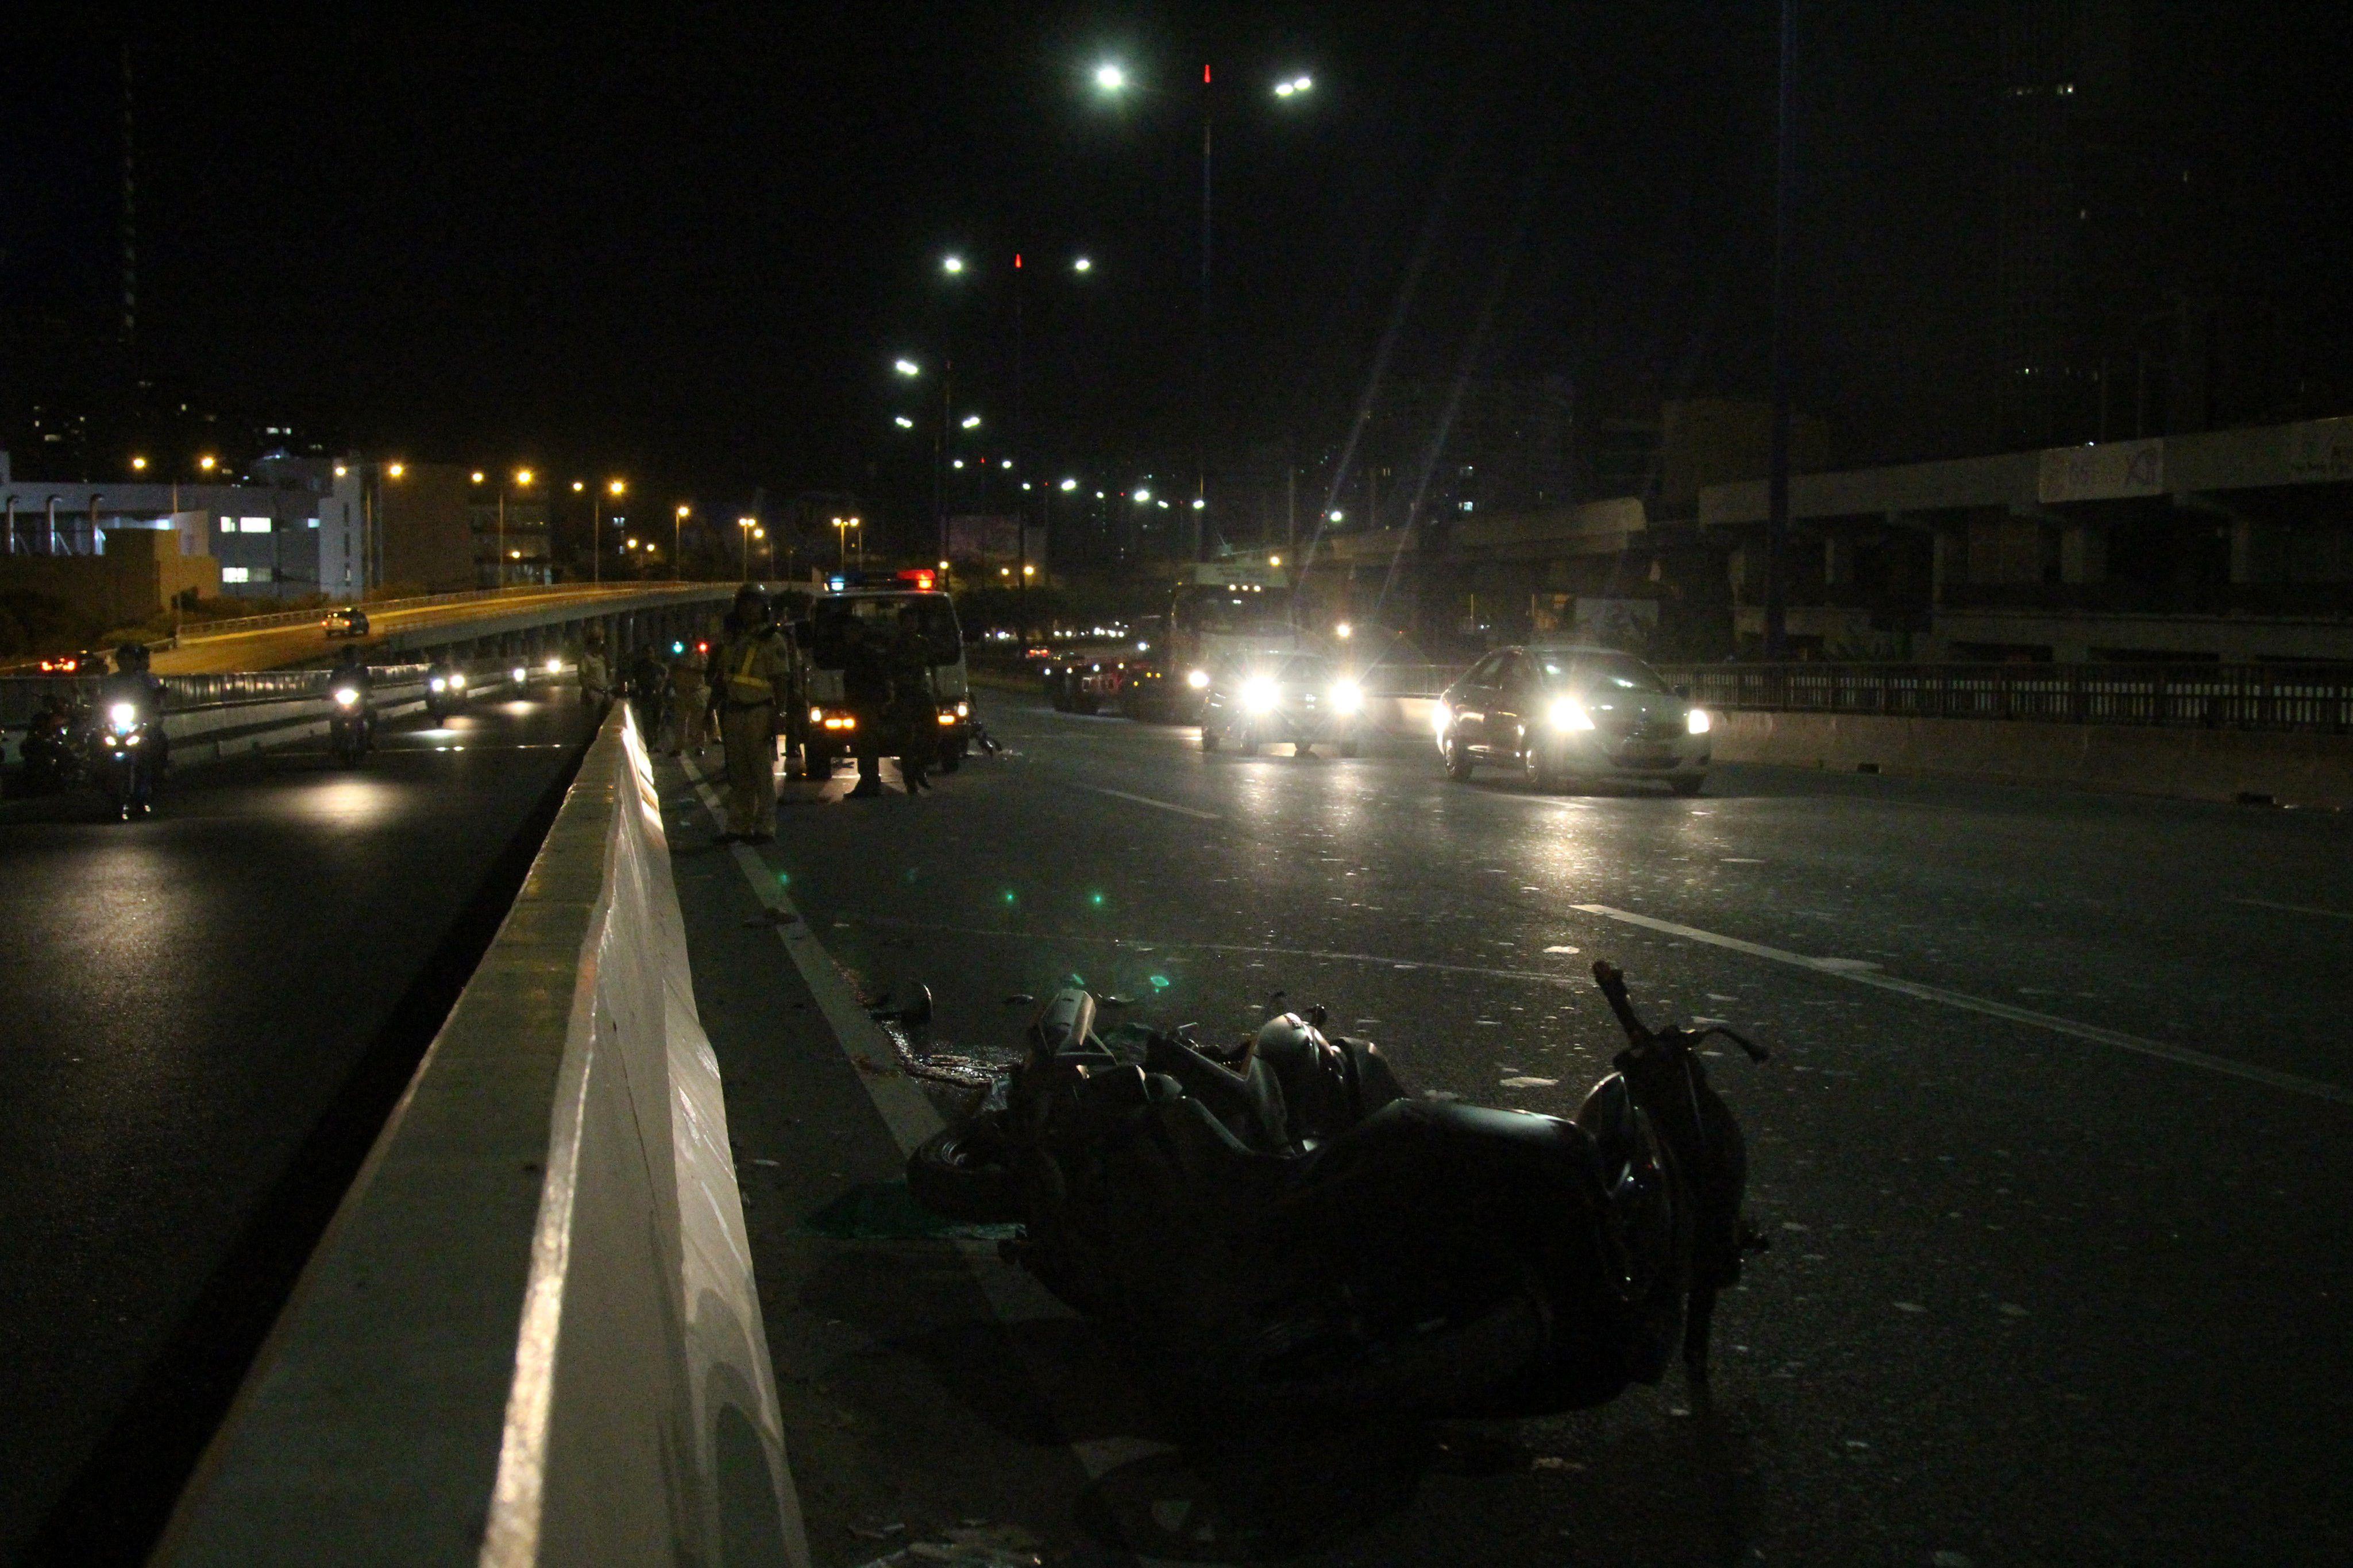 Liều chạy vào làn ô tô trên cầu Sài Gòn, 1 người chết, 2 người bị thương Ảnh 1